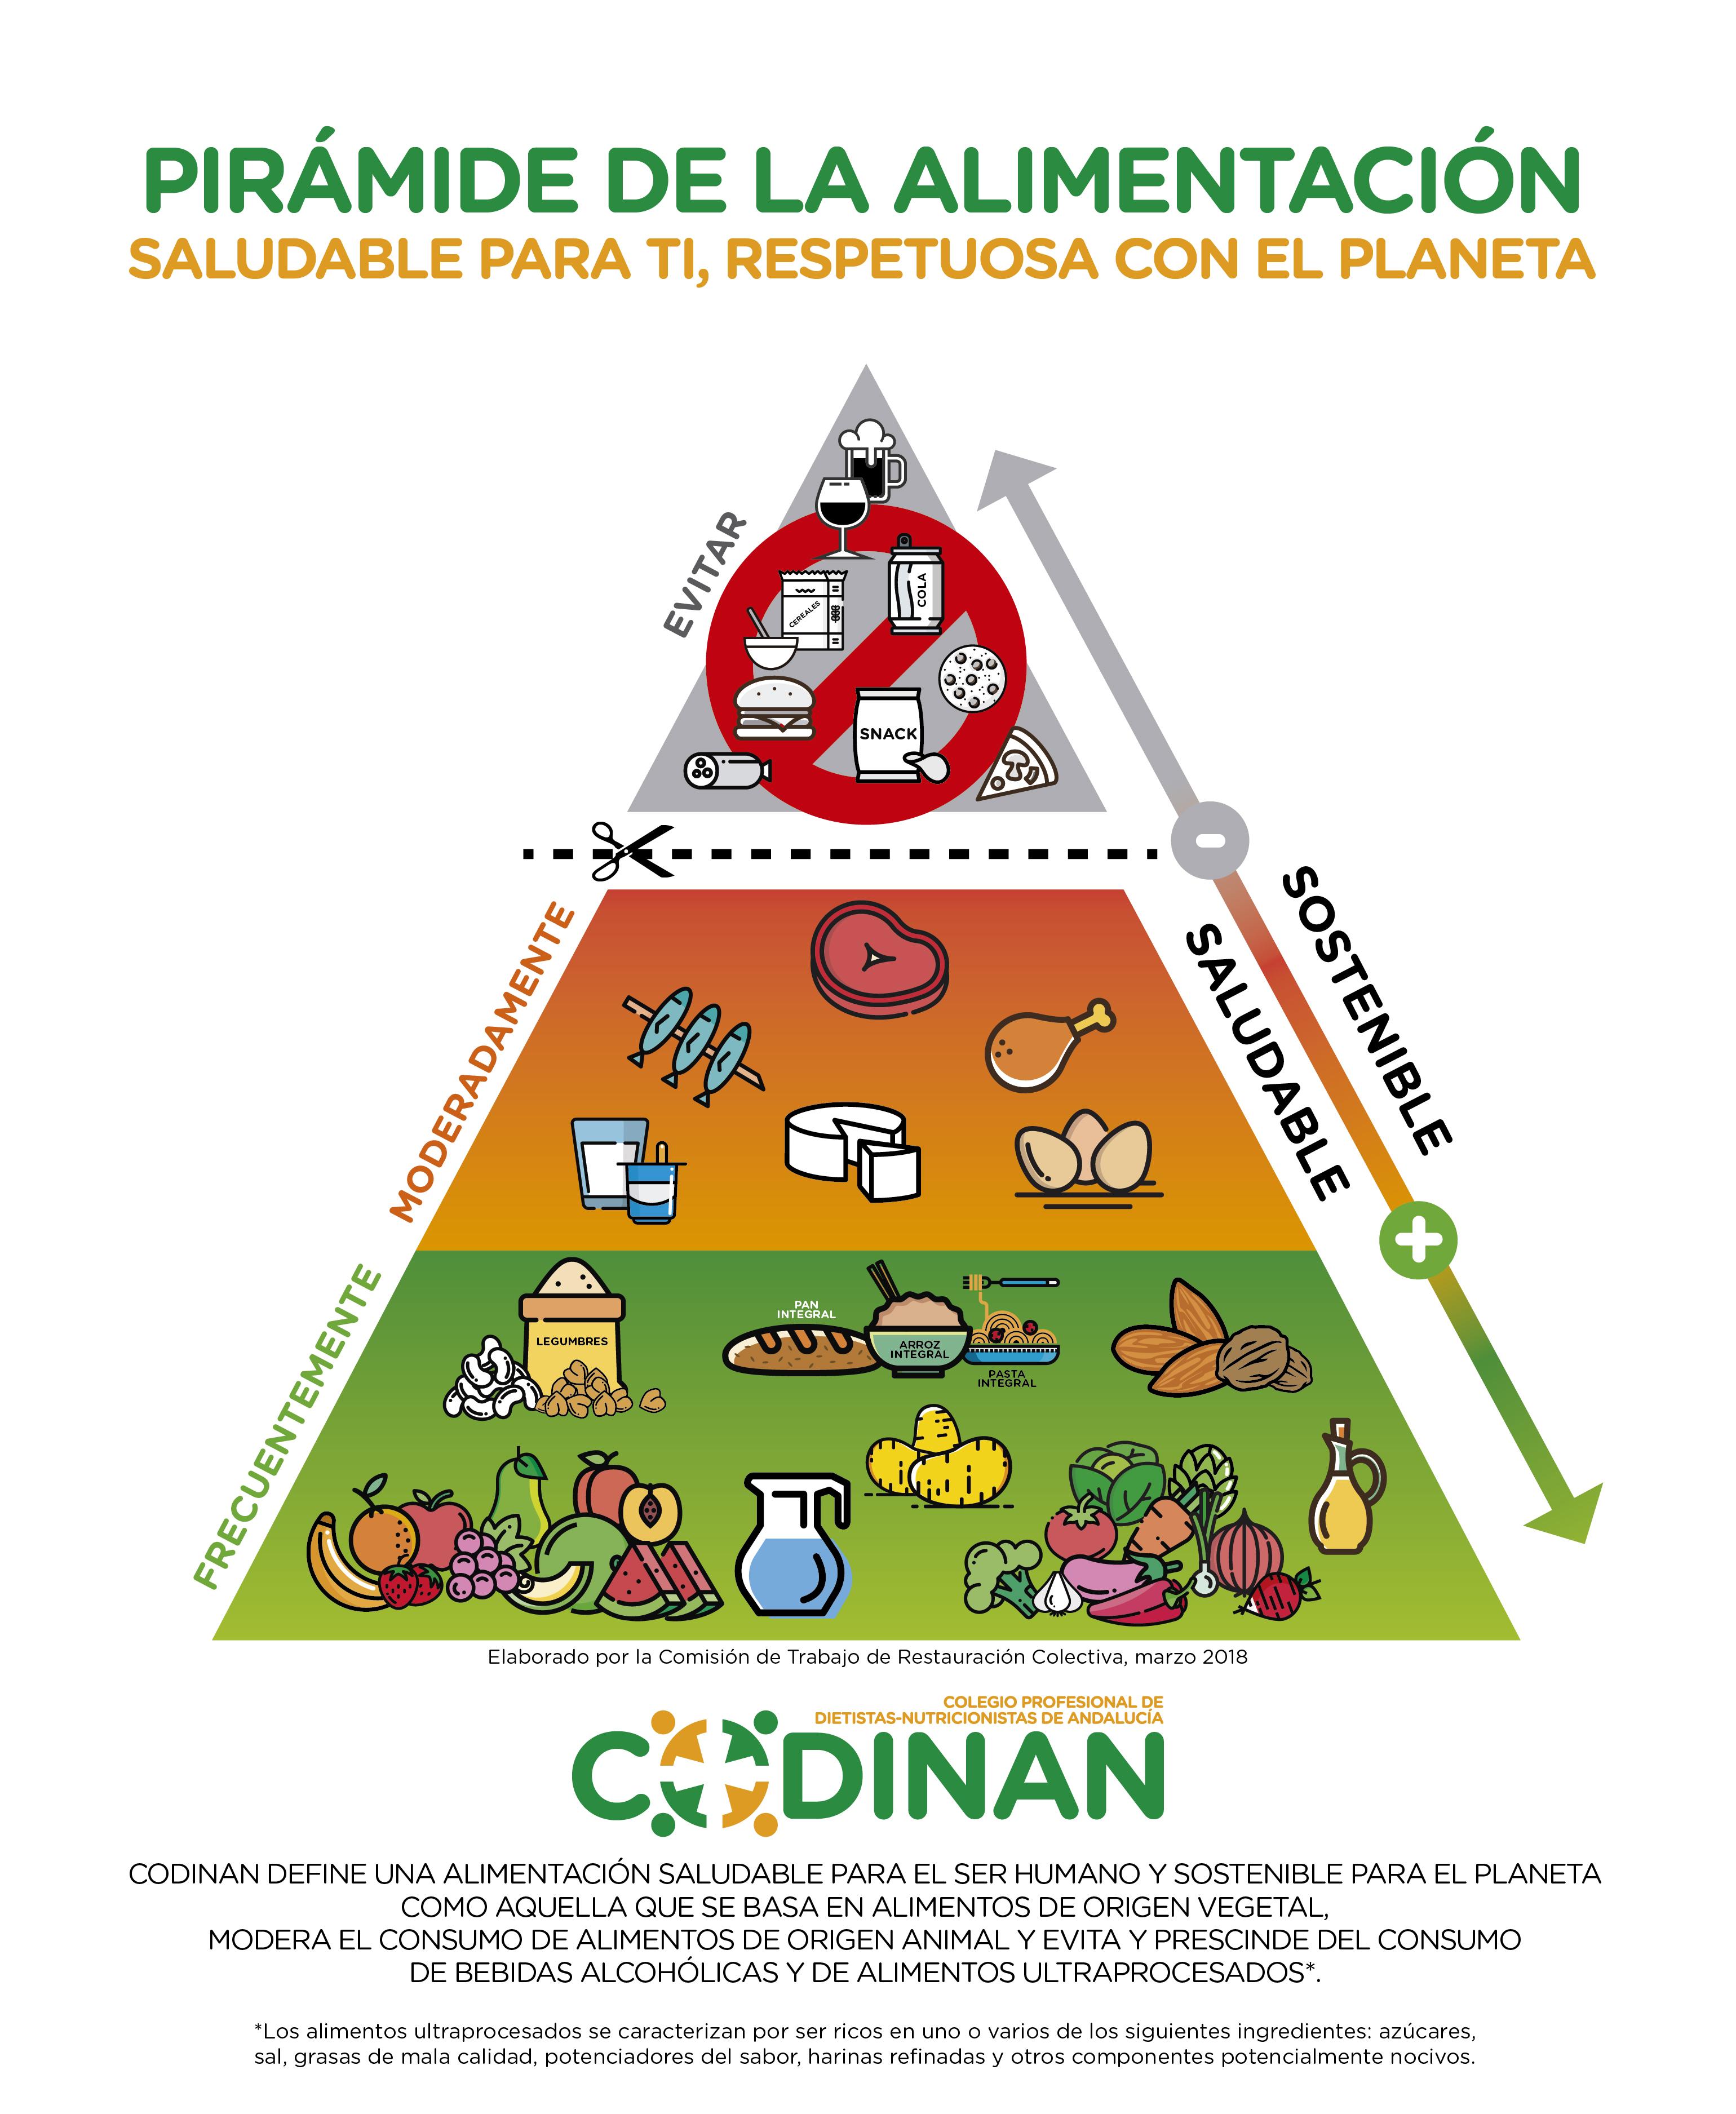 Pirámide de la alimentación saludable del CODINAN